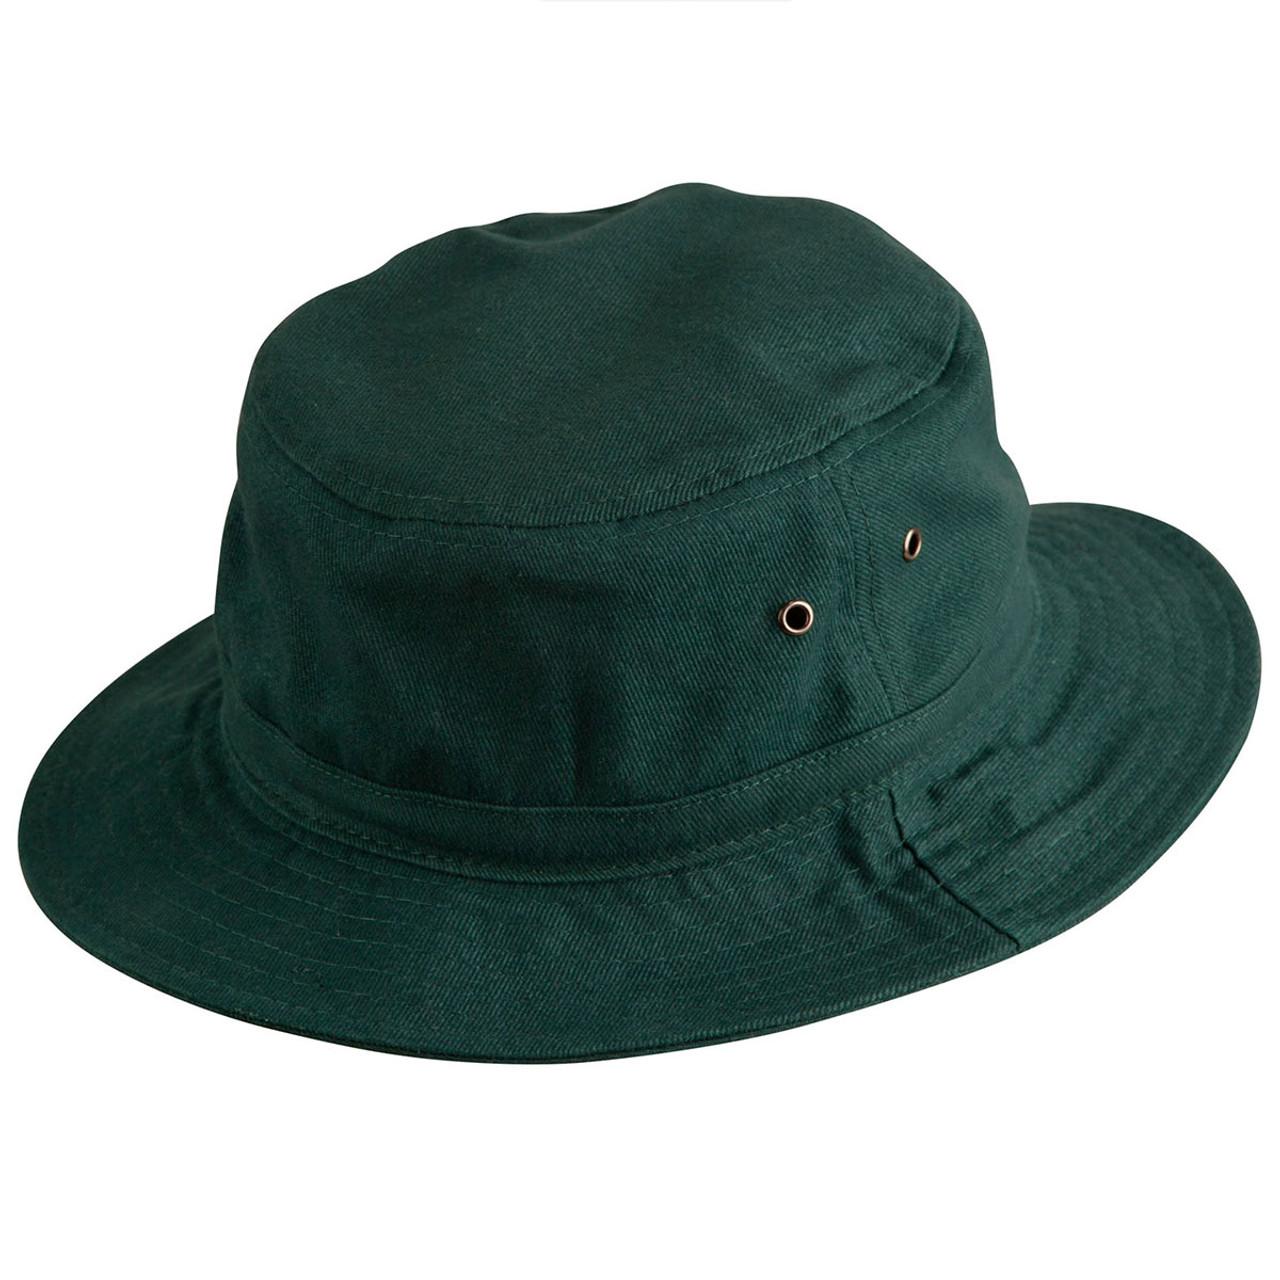 a8671dd5a8b wholesale soft bucket hat